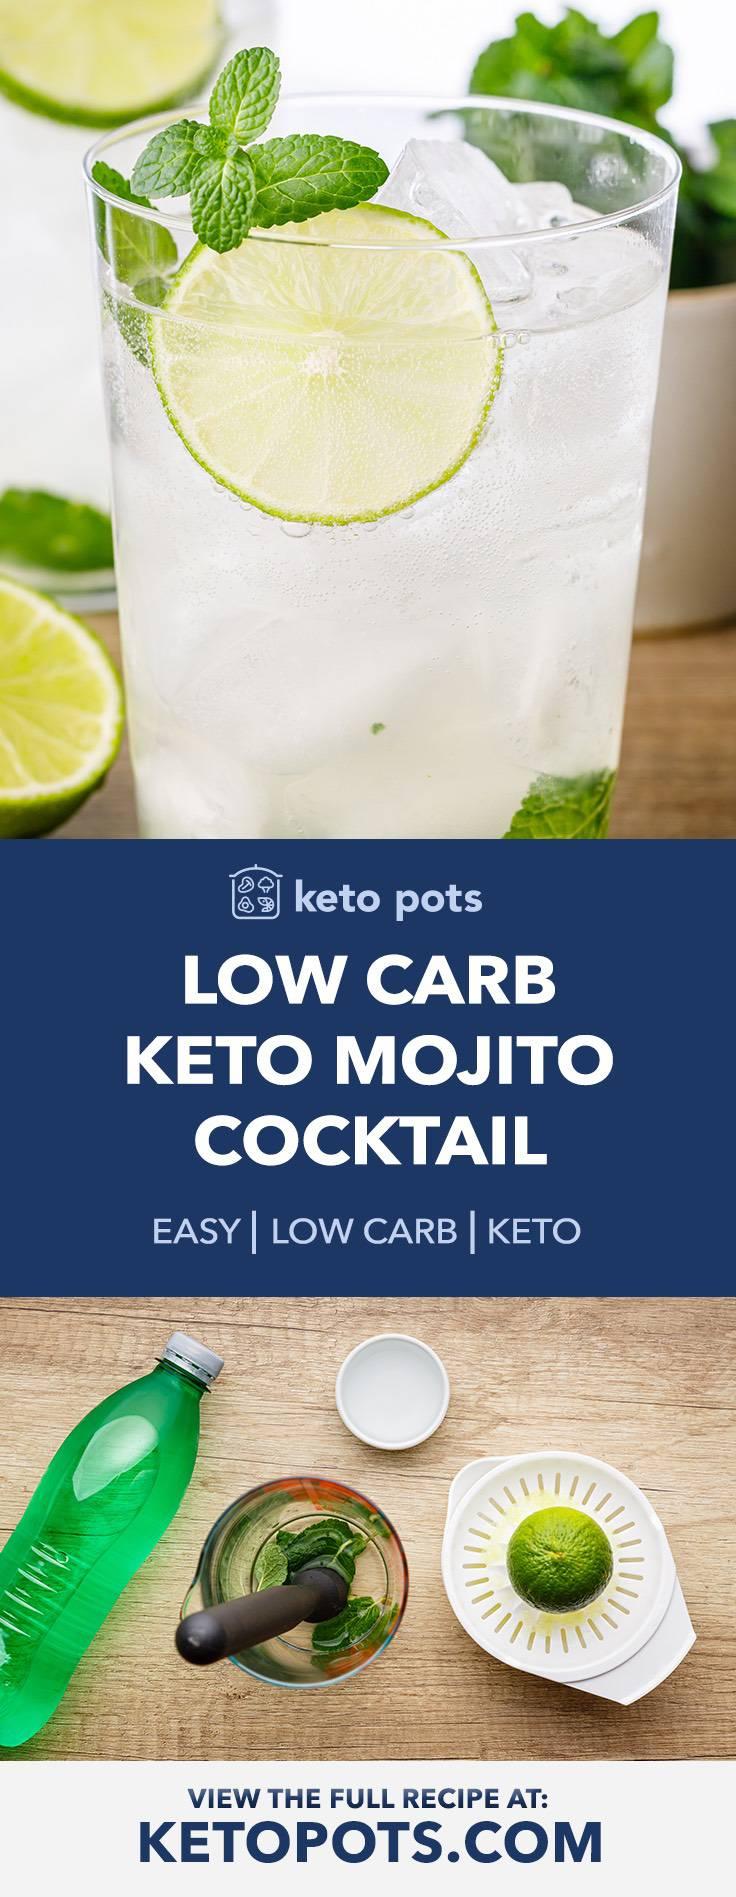 Keto Mojito Recipe